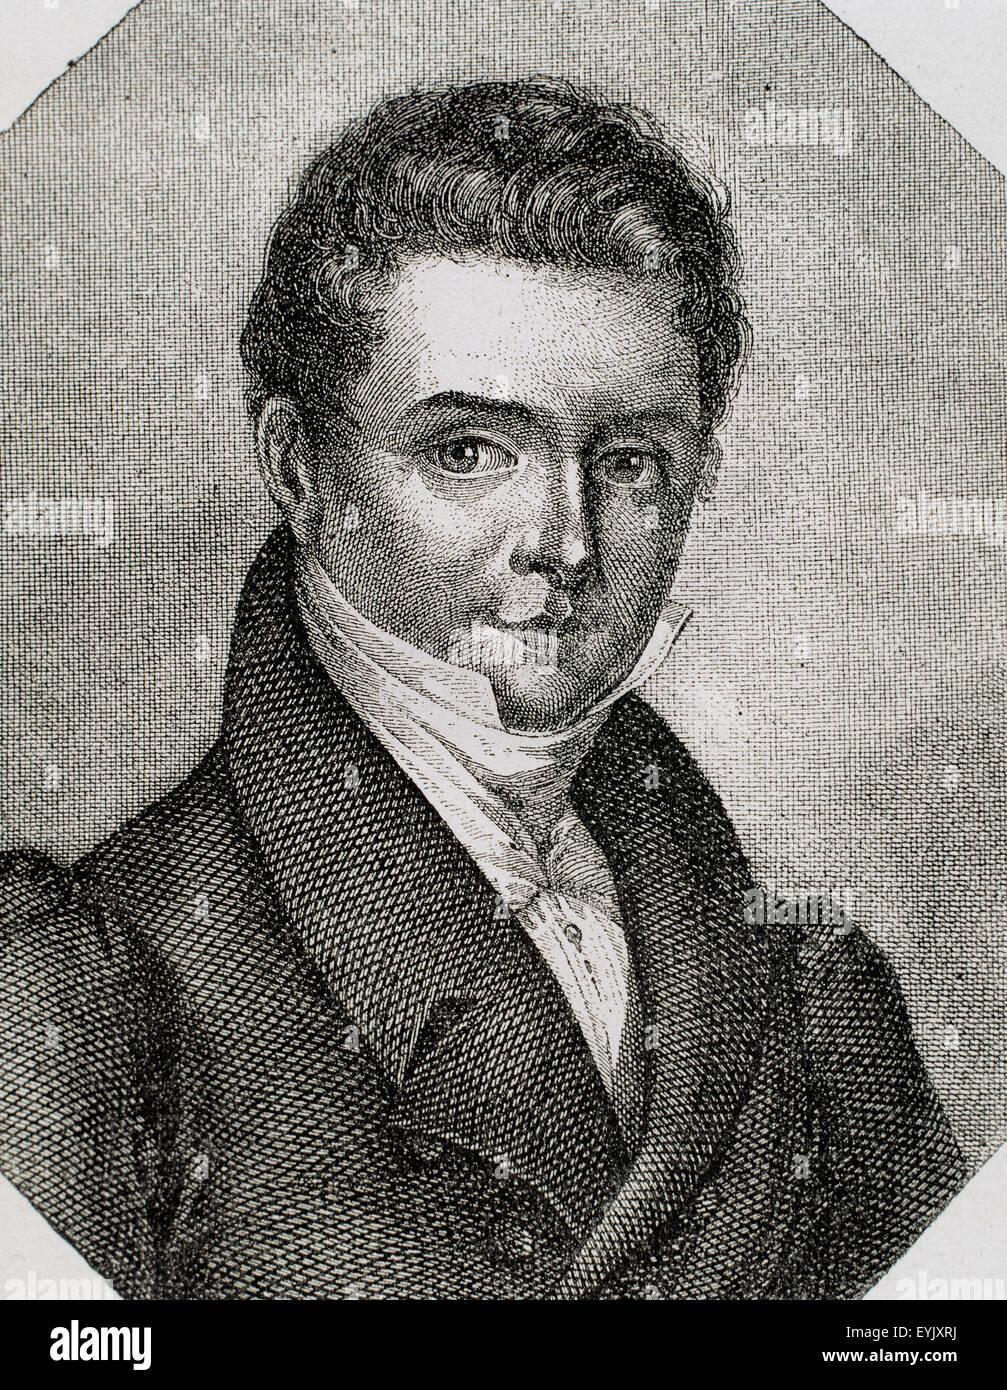 Washington Irving (1783-1859). American writer. Engraving, 19th century. - Stock Image